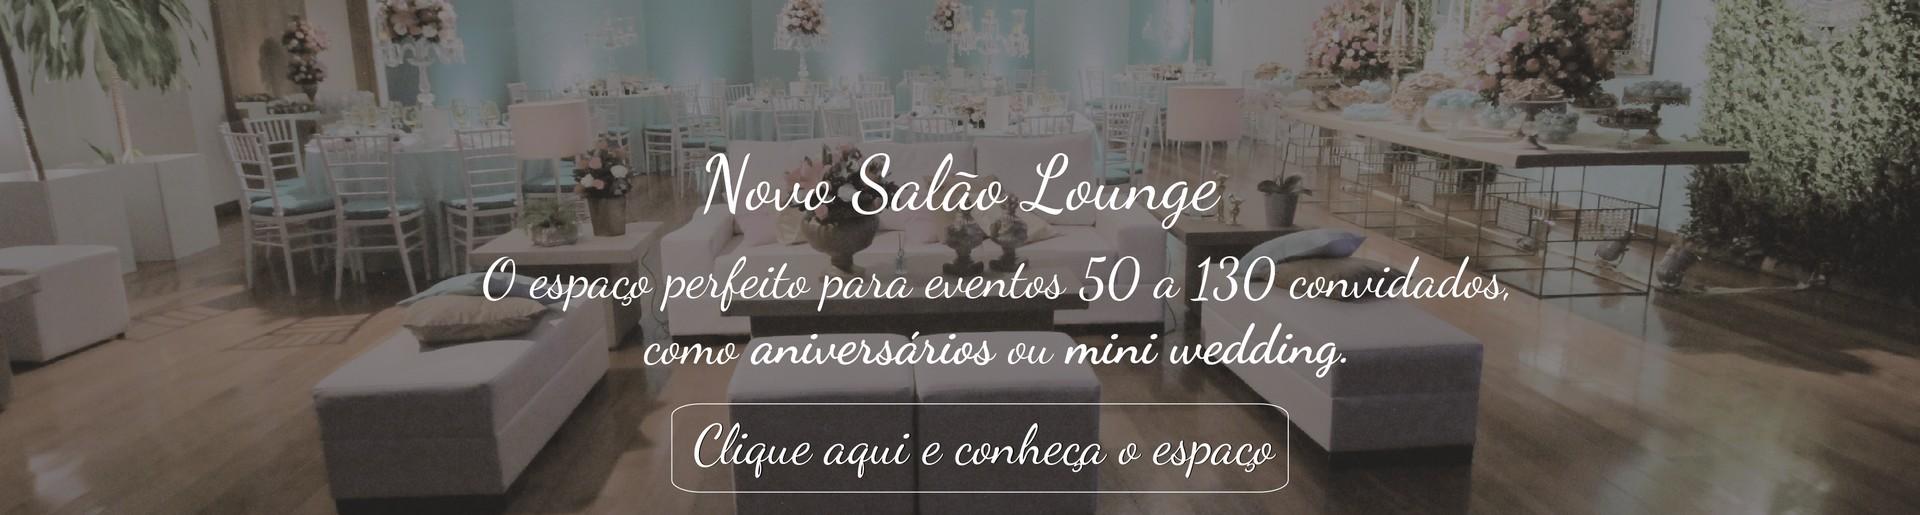 novo-salao-lounge